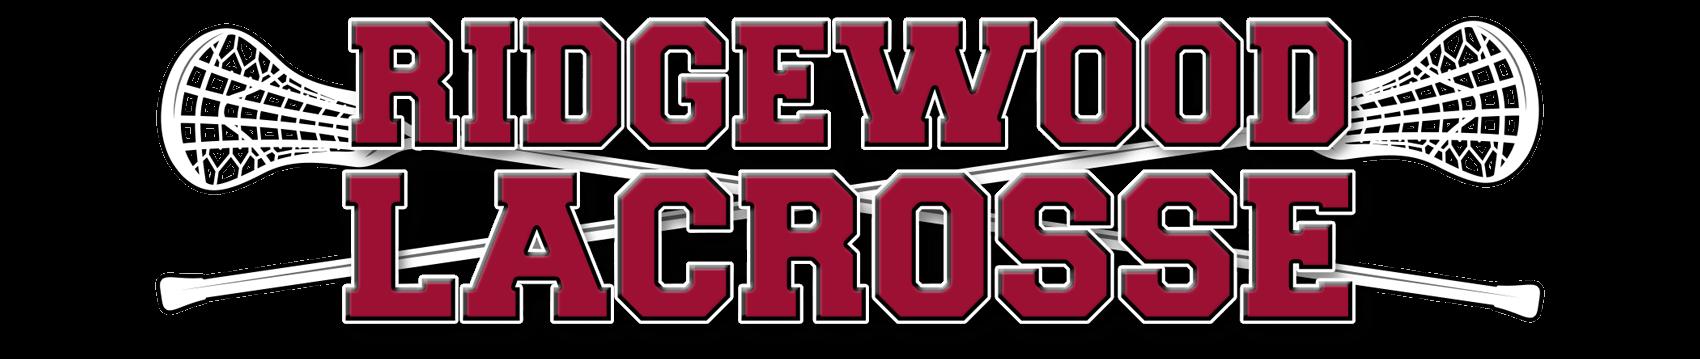 Ridgewood Lacrosse Association, Lacrosse, Goal, Field